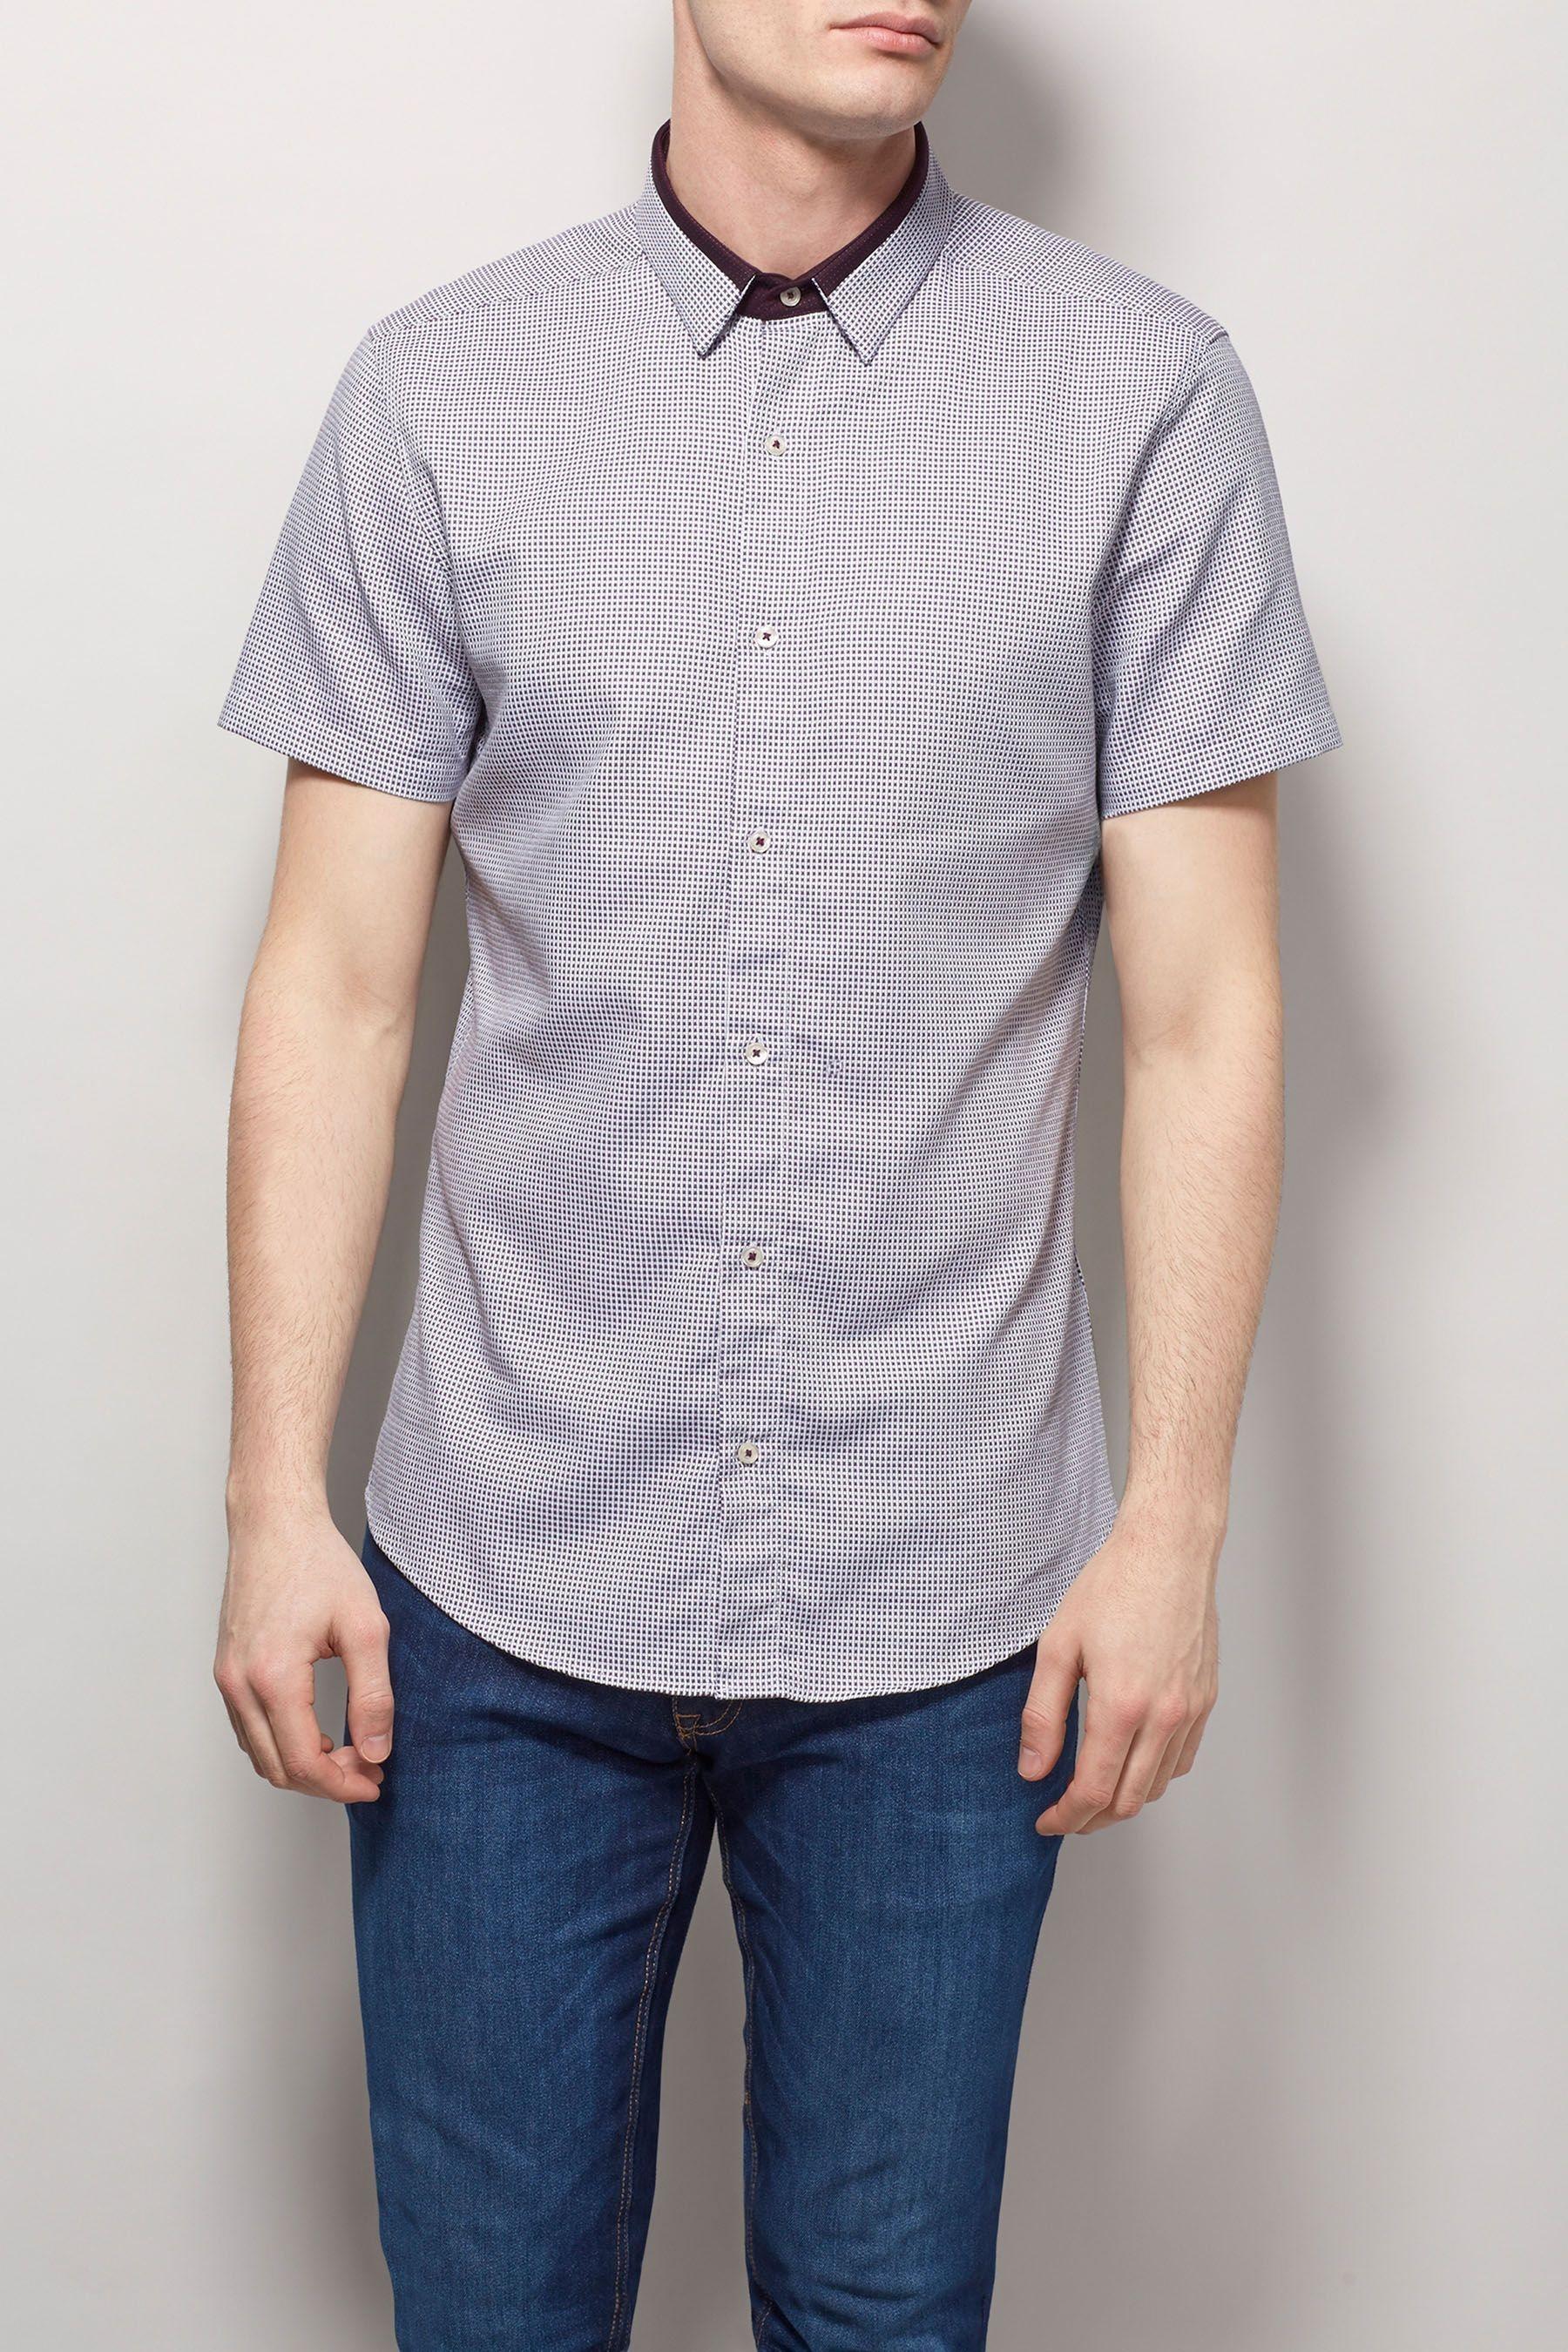 Next Strukturiertes Hemd mit Kontrastkragen